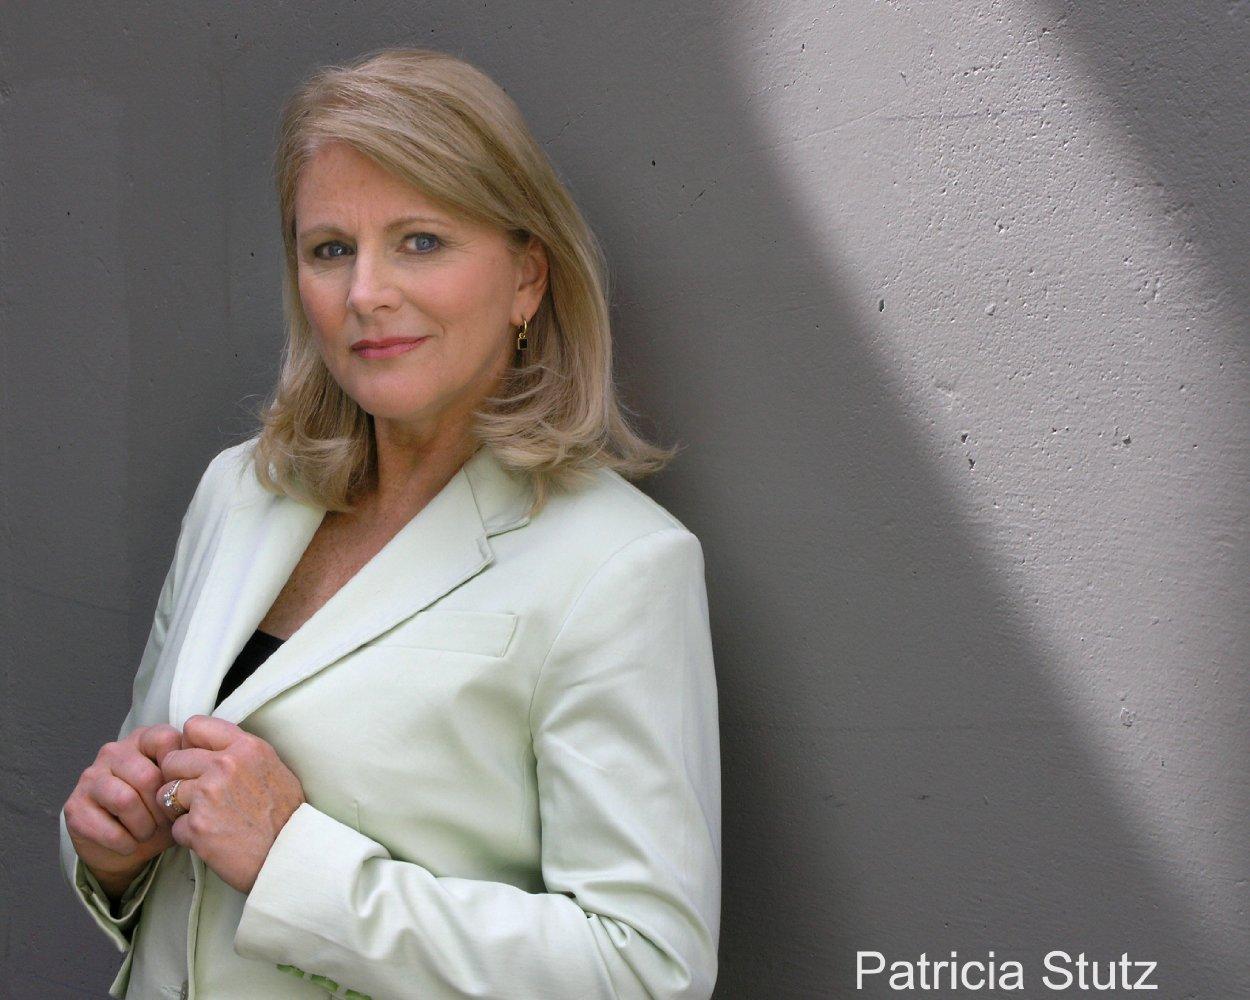 Patricia Stutz